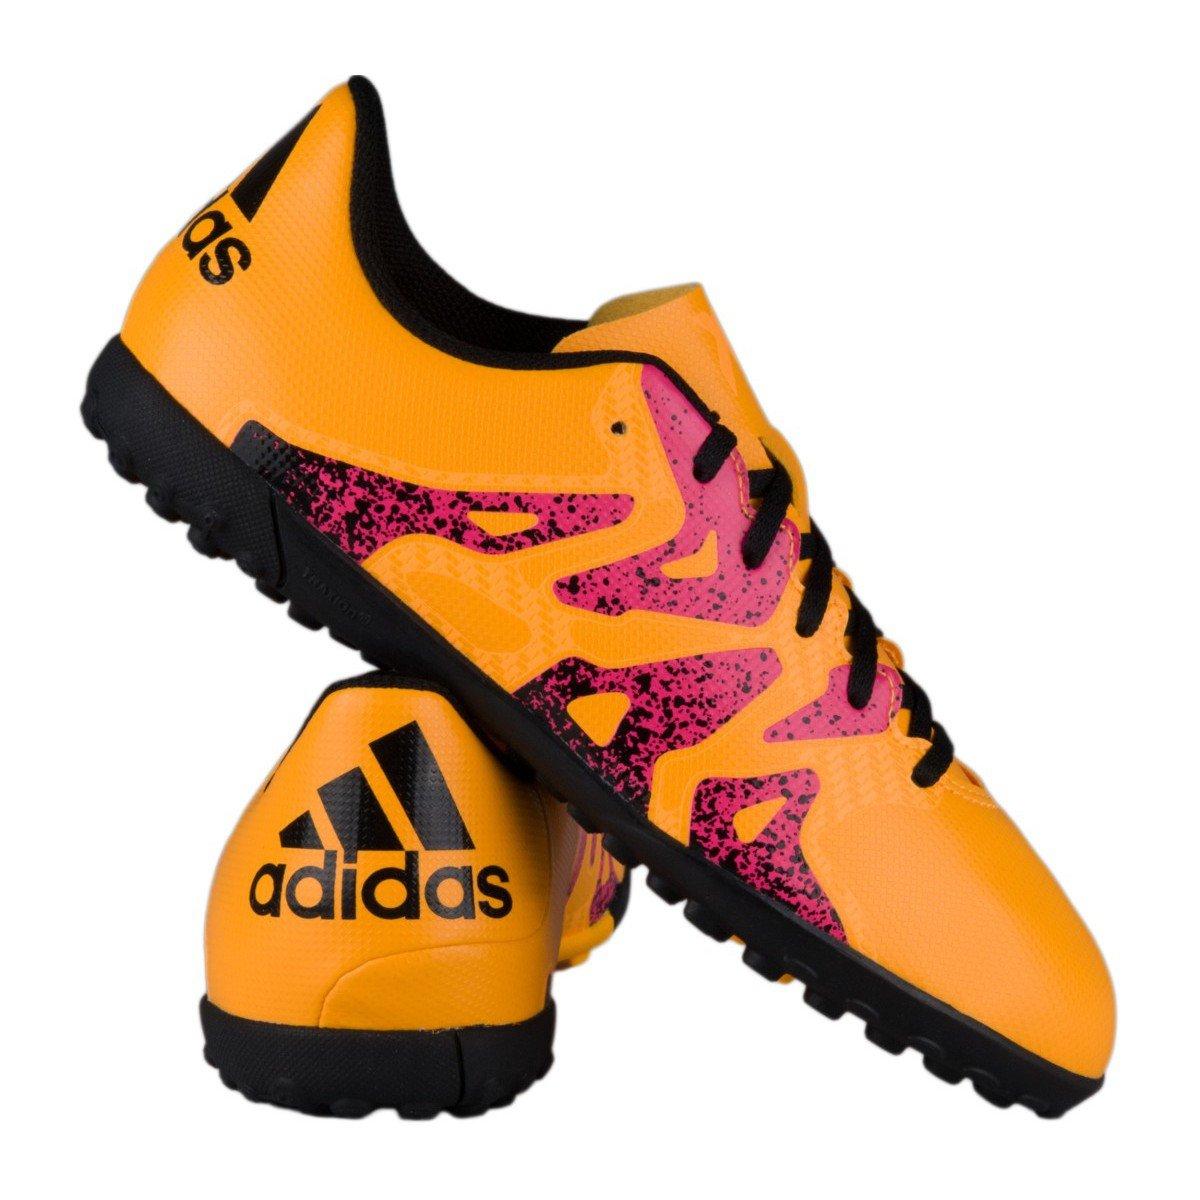 Adidas Buty Dzieciece Turfy S74611 Pomaranczowy Rozmiar 36 2 3 Adidas Sport Sklep Empik Com